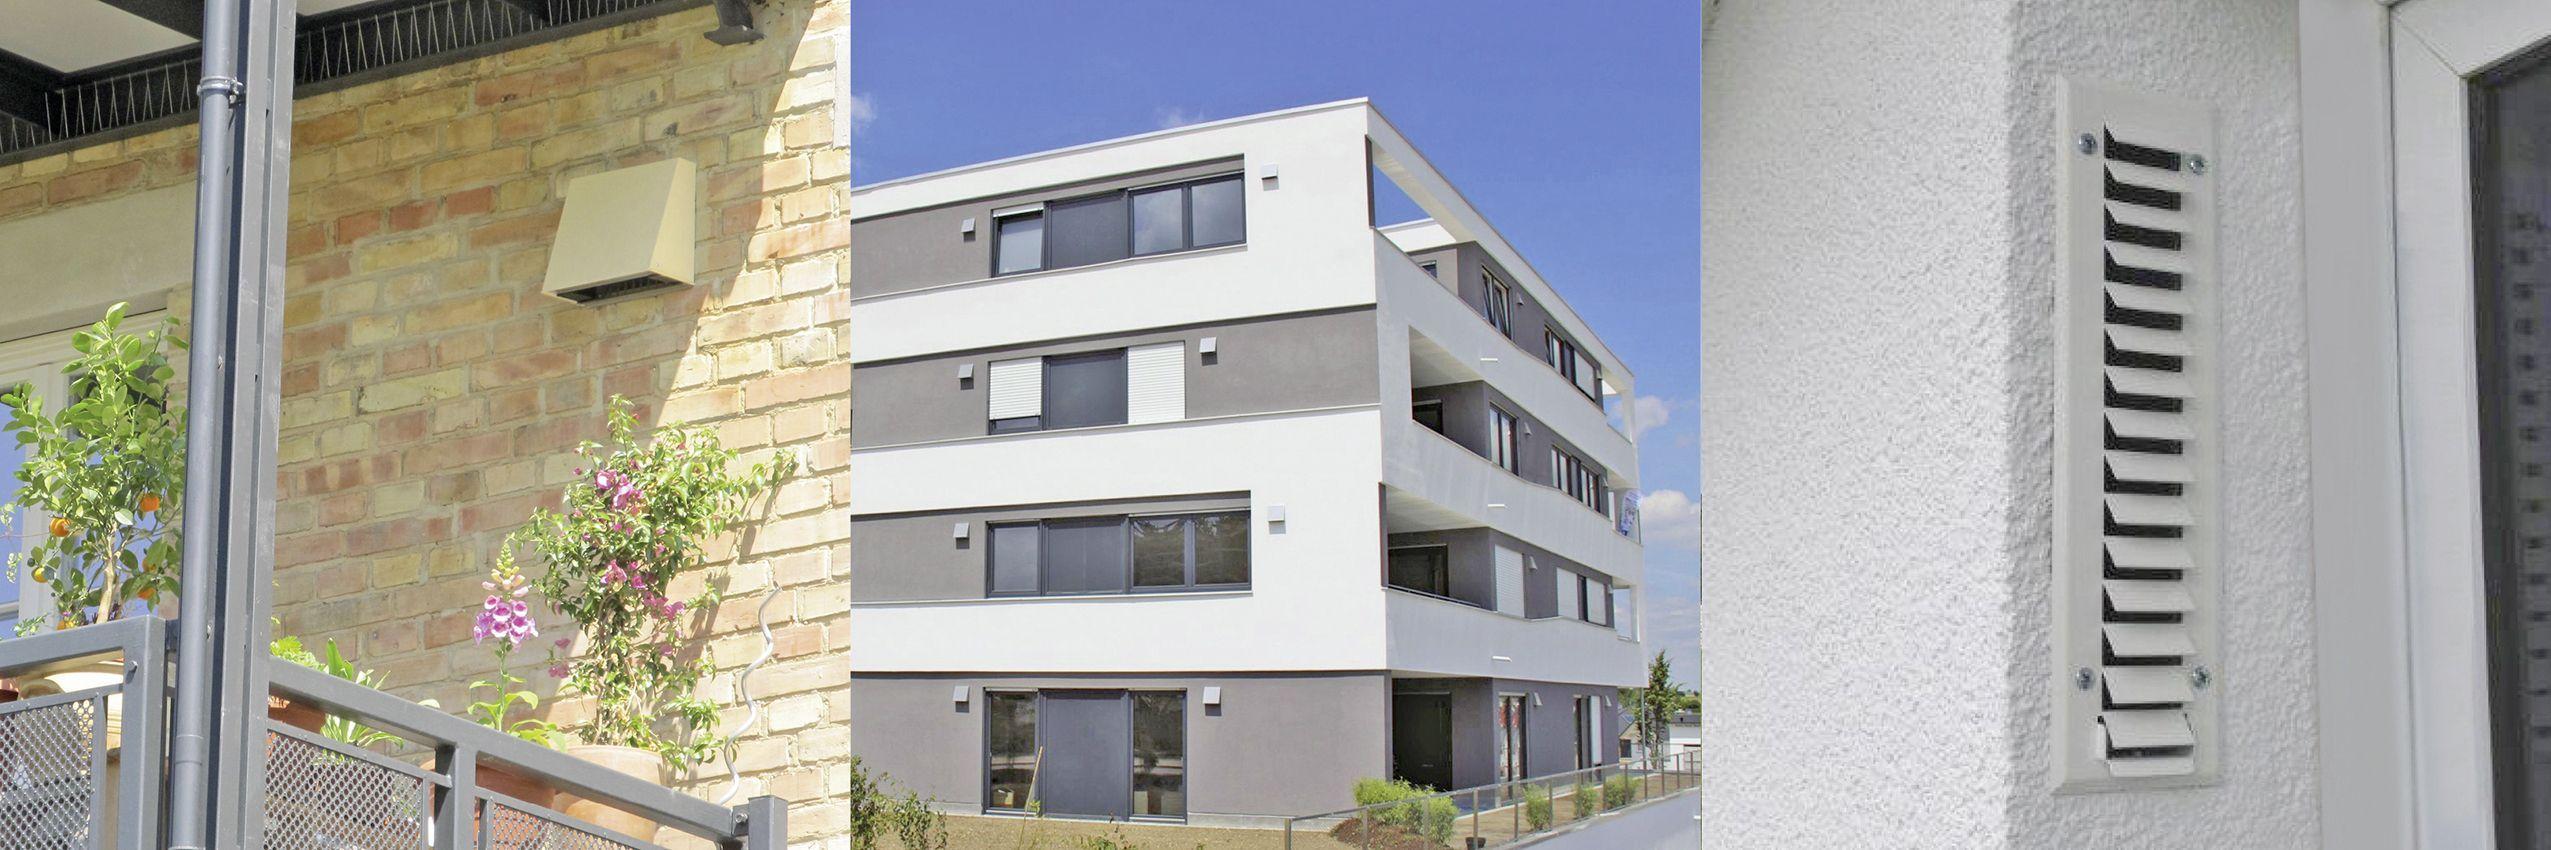 Wie Funktioniert Eigentlich Eine Dezentrale Wohnungsluftung Mit Ruckgewinnung Luftung Moderne Architektur Und Luftungsanlagen